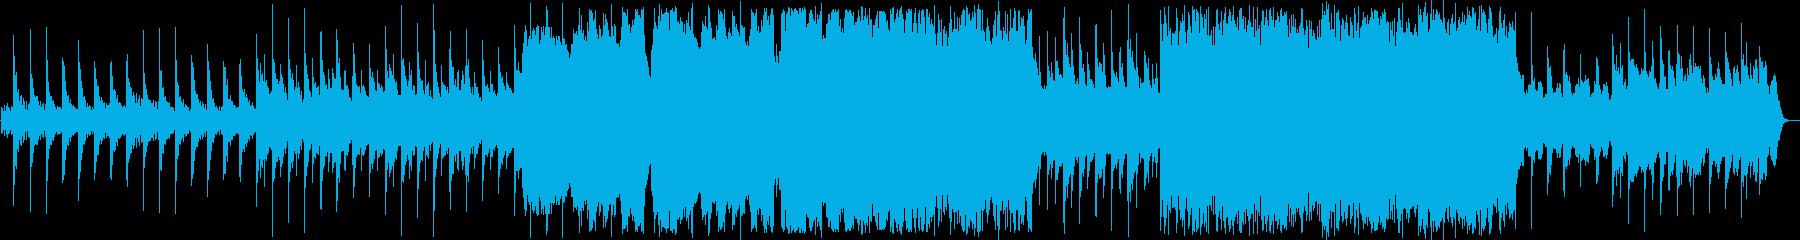 柔らかいイメージの和風ソングの再生済みの波形